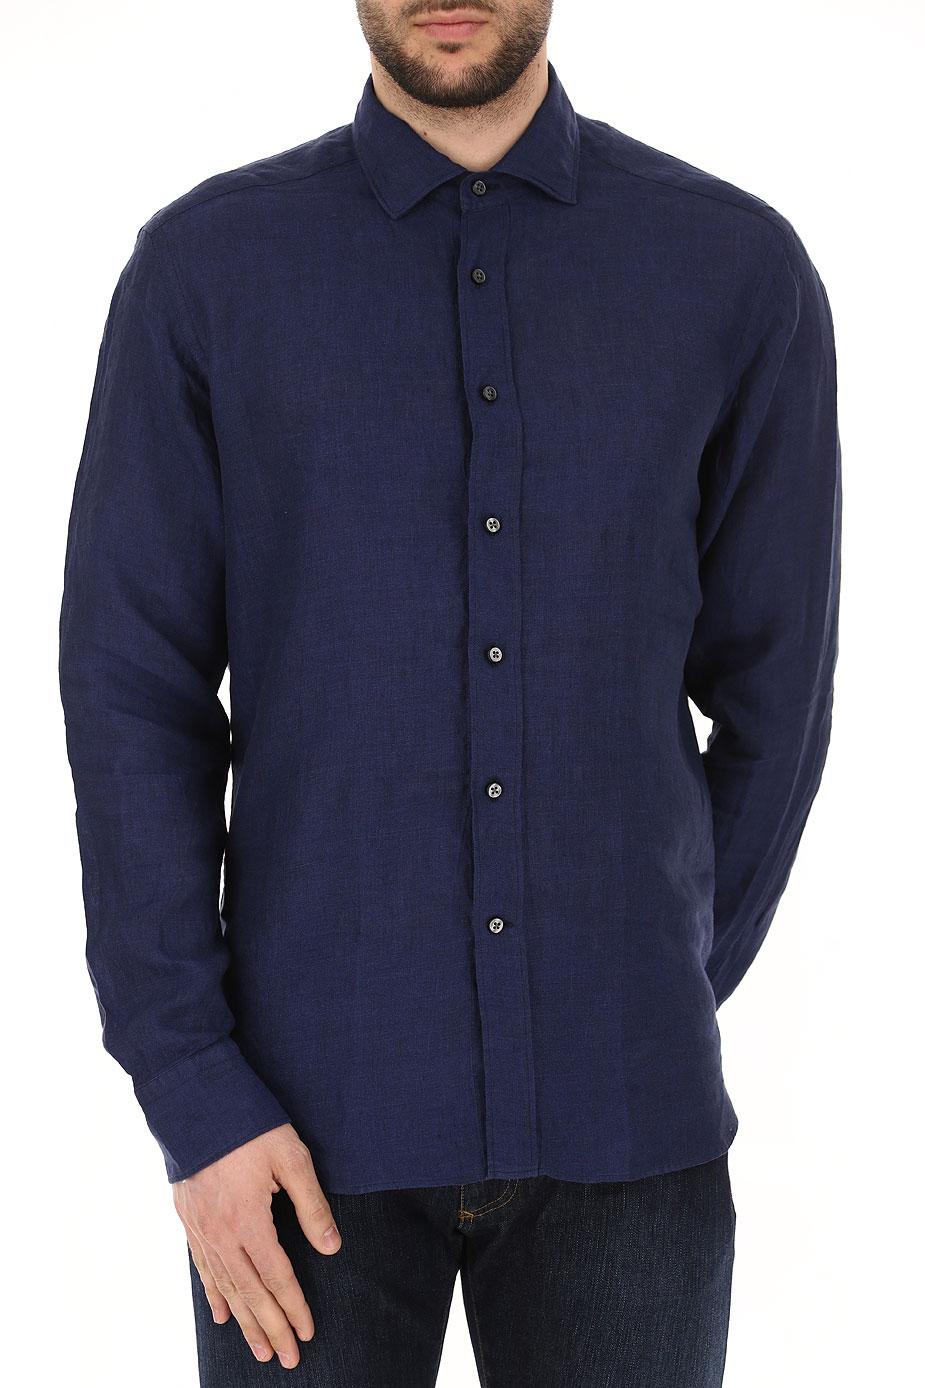 Abbigliamento Uomo Matteucci, Codice Articolo: bw163l-00045-055